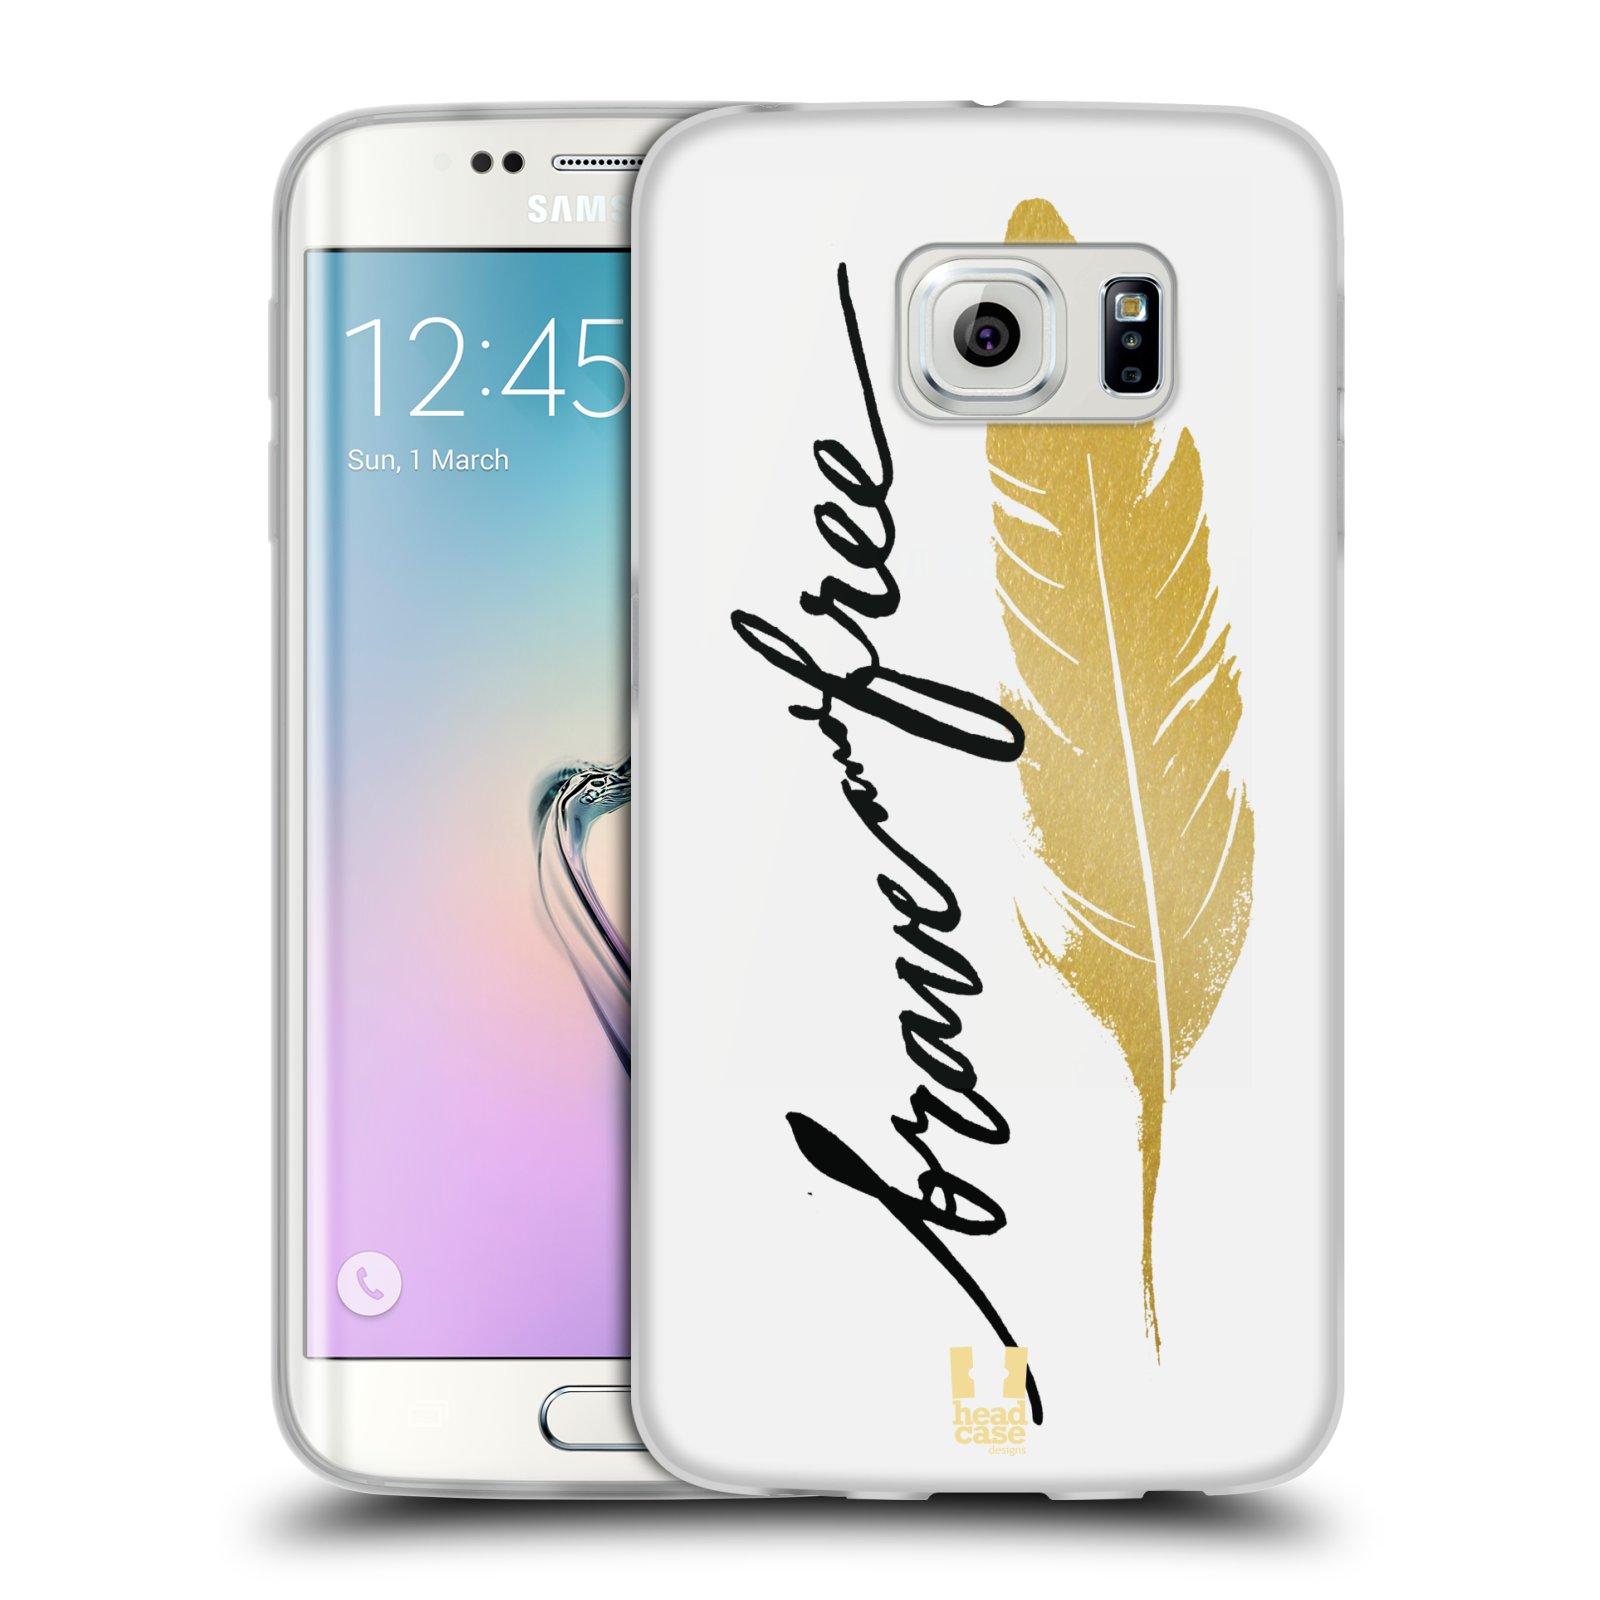 Silikonové pouzdro na mobil Samsung Galaxy S6 Edge HEAD CASE PÍRKO ZLATÉ FREE (Silikonový kryt či obal na mobilní telefon Samsung Galaxy S6 Edge SM-G925F)